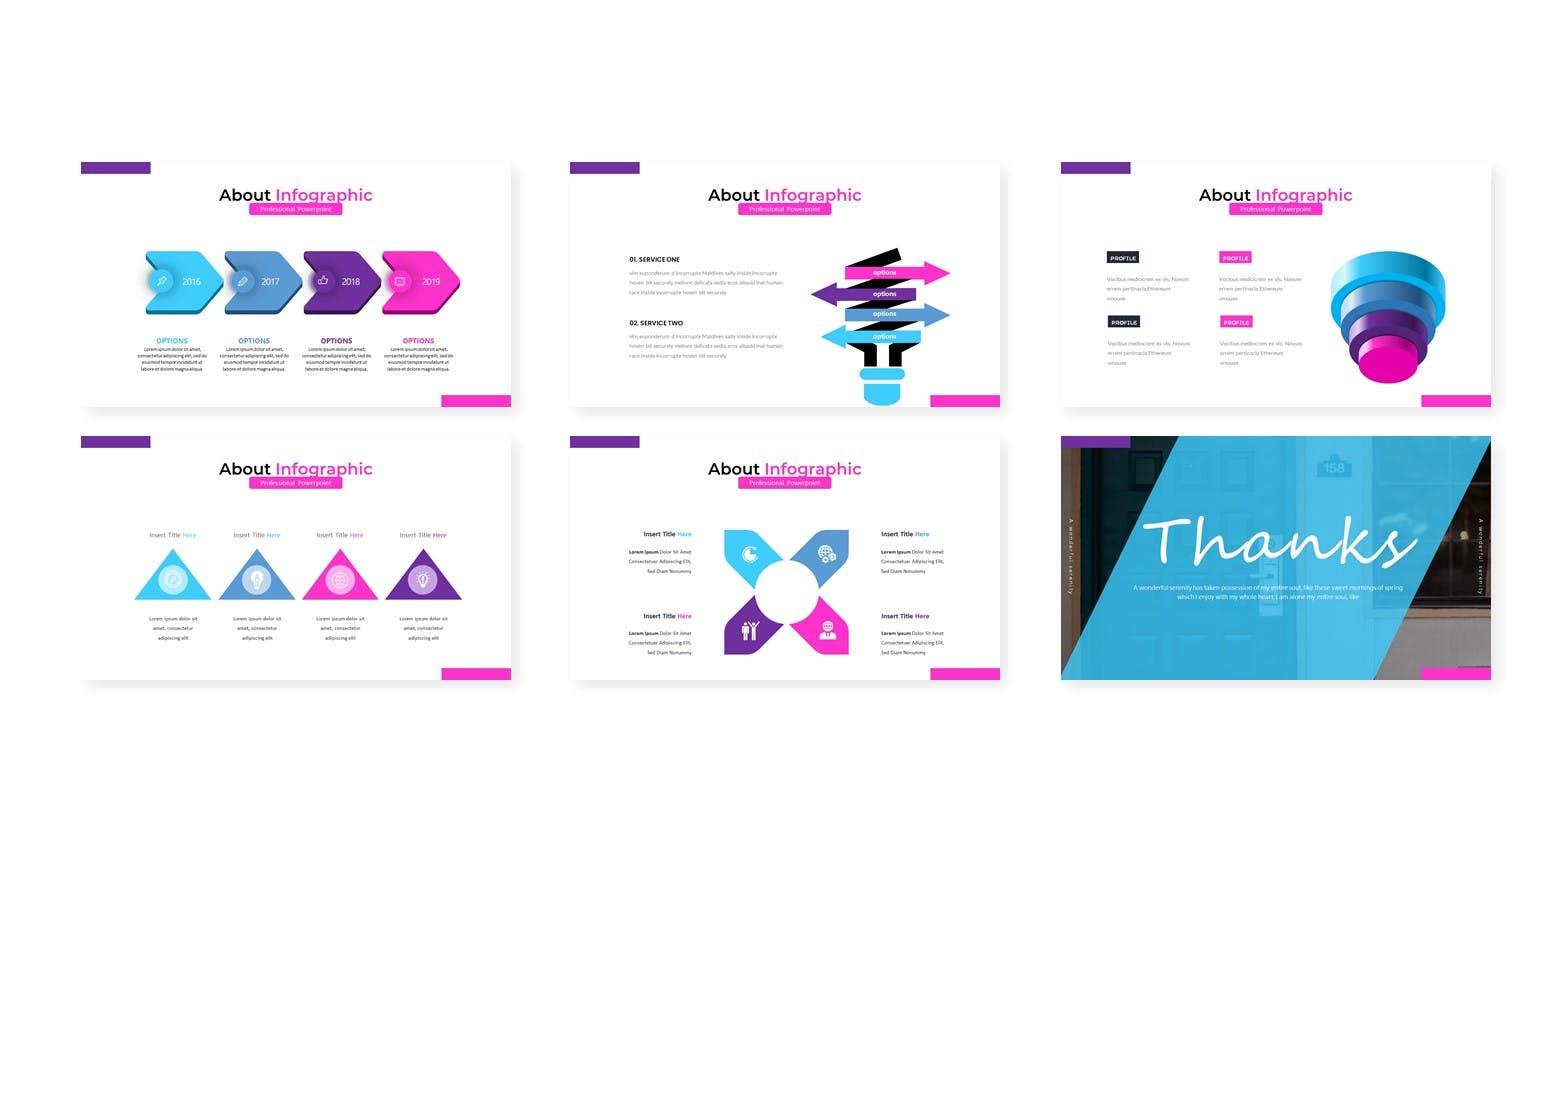 彩色内容PowerPoint演示模板 Socra – Powerpoint Template设计素材模板